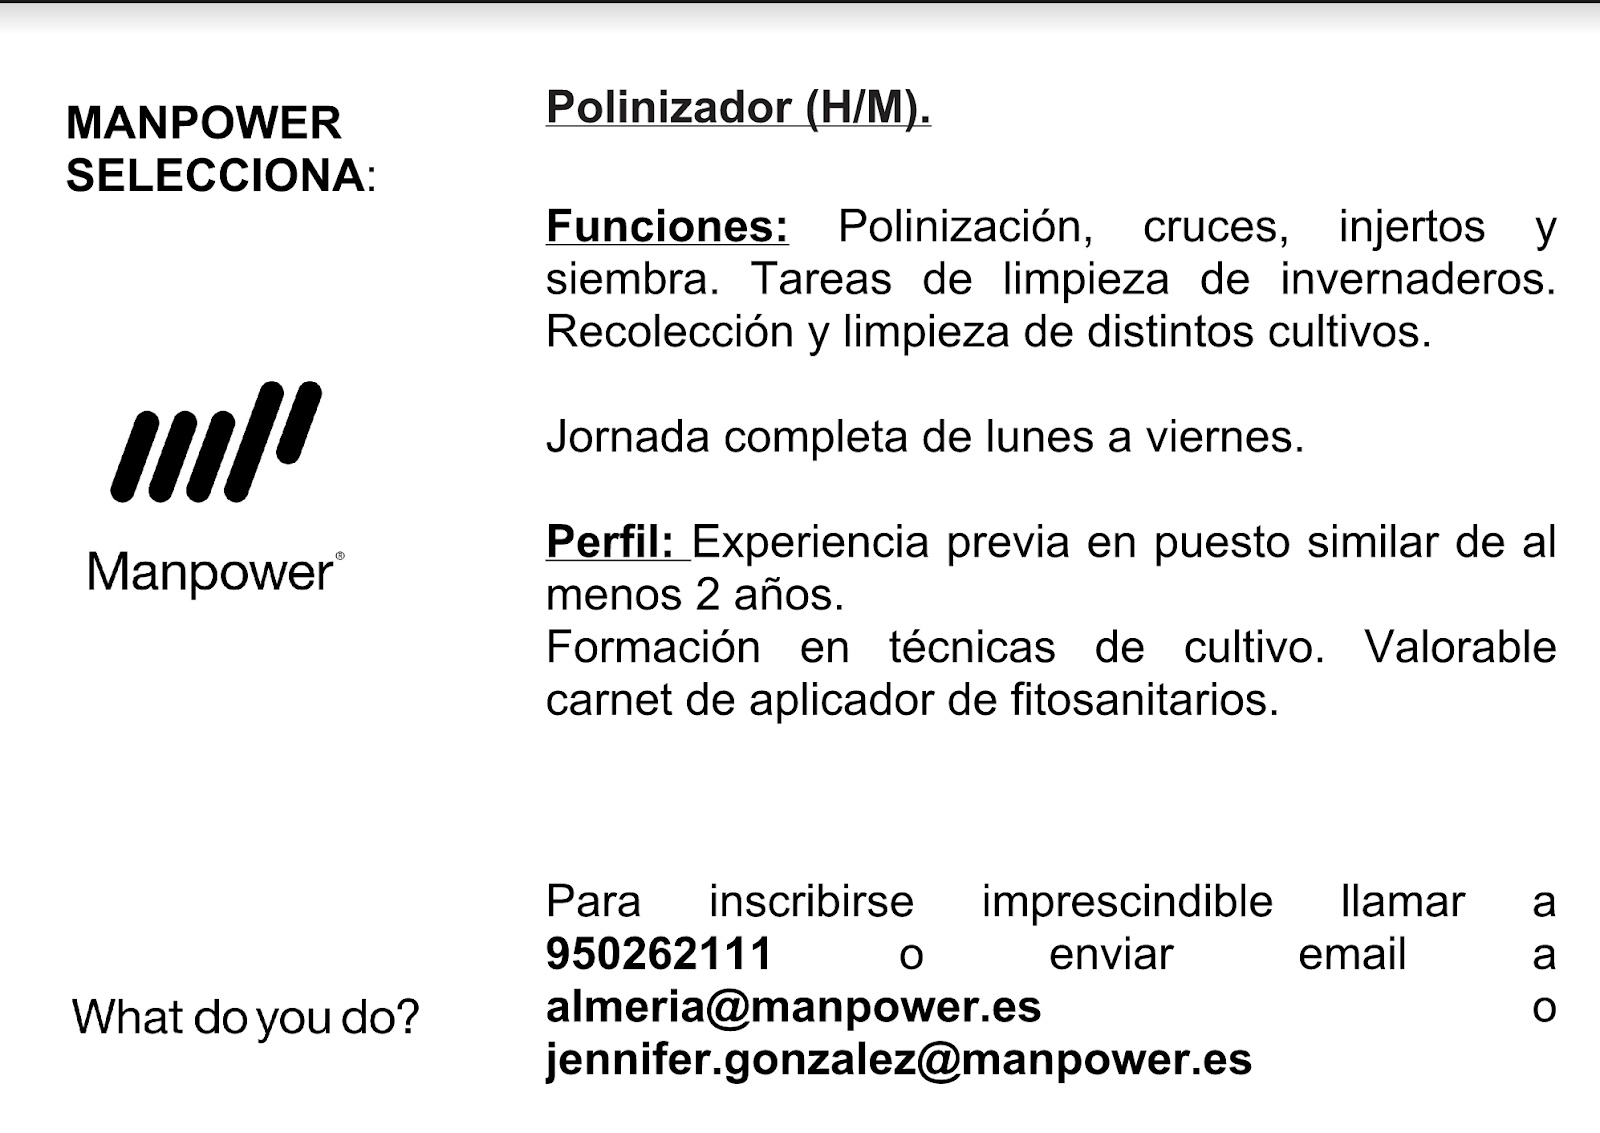 Ofertas de Empleo en España - photo#36